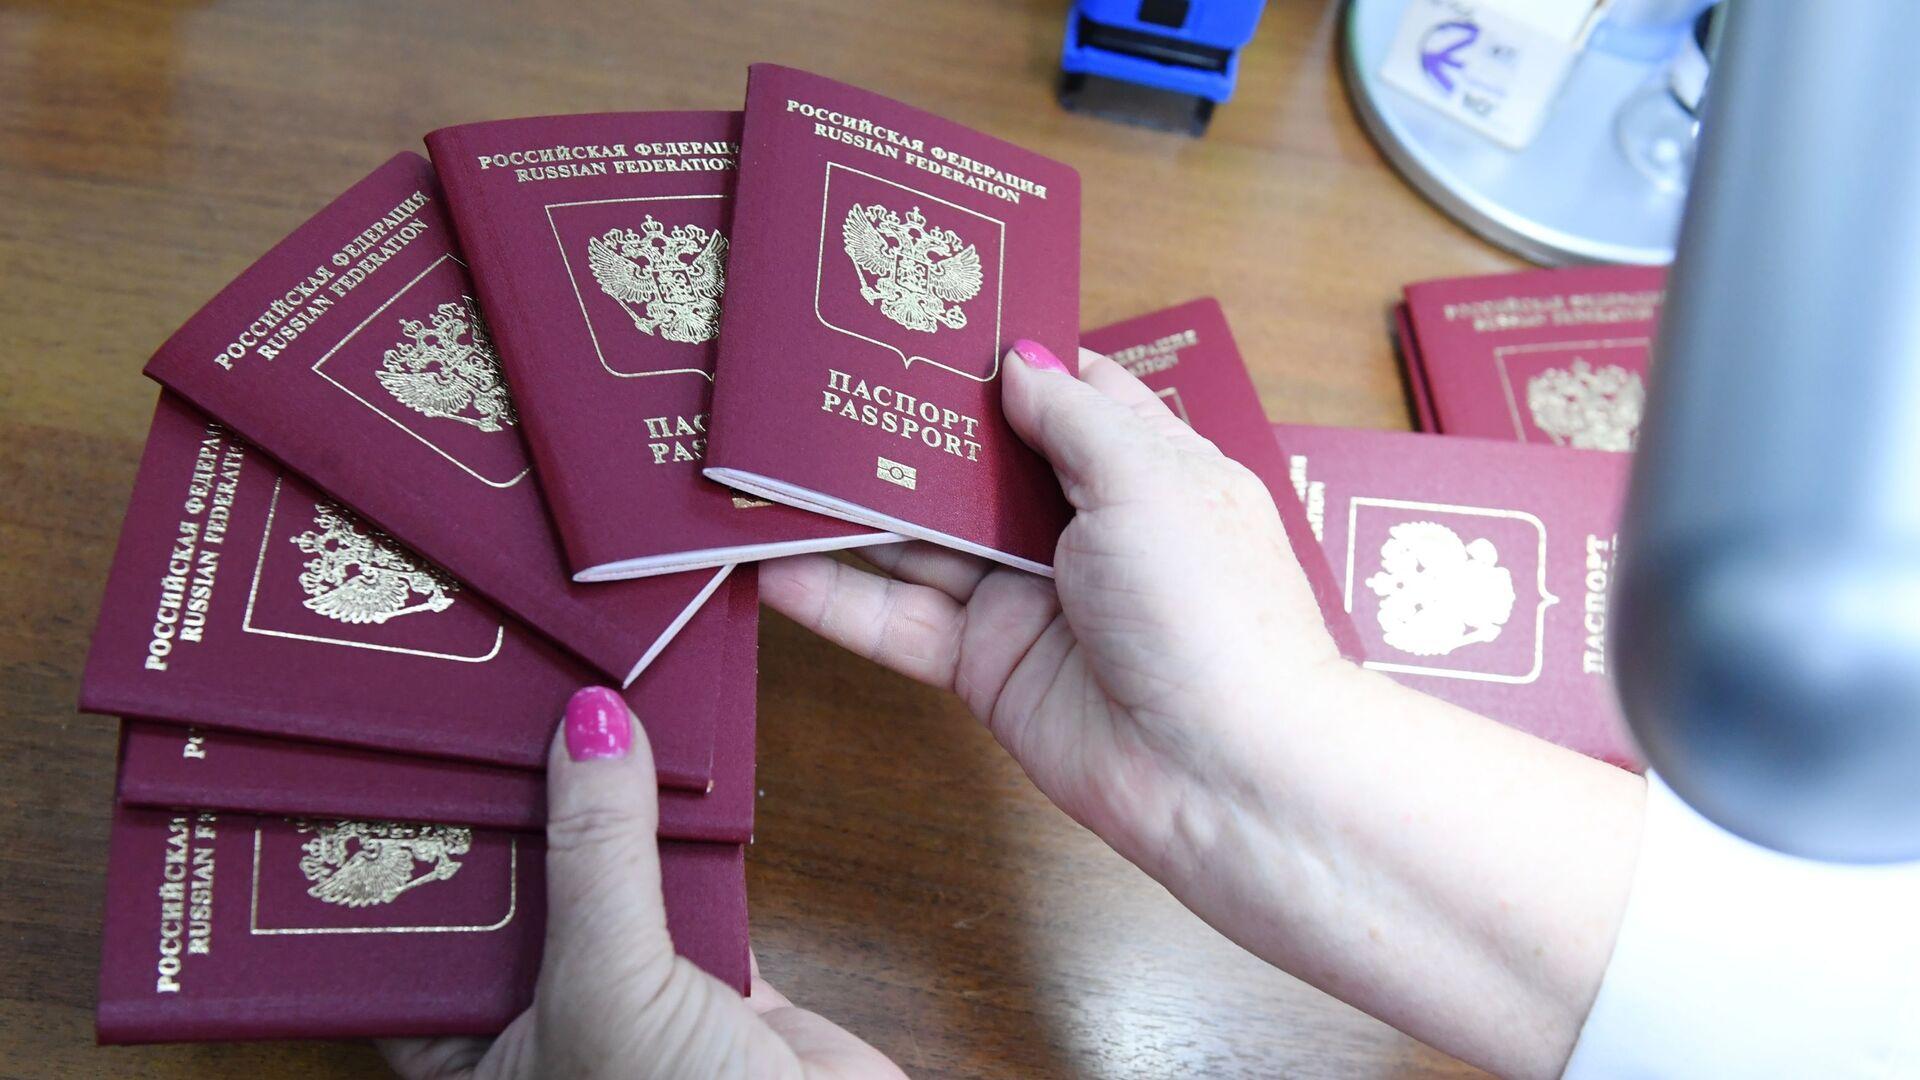 Заграничные биометрические паспорта - РИА Новости, 1920, 16.09.2020